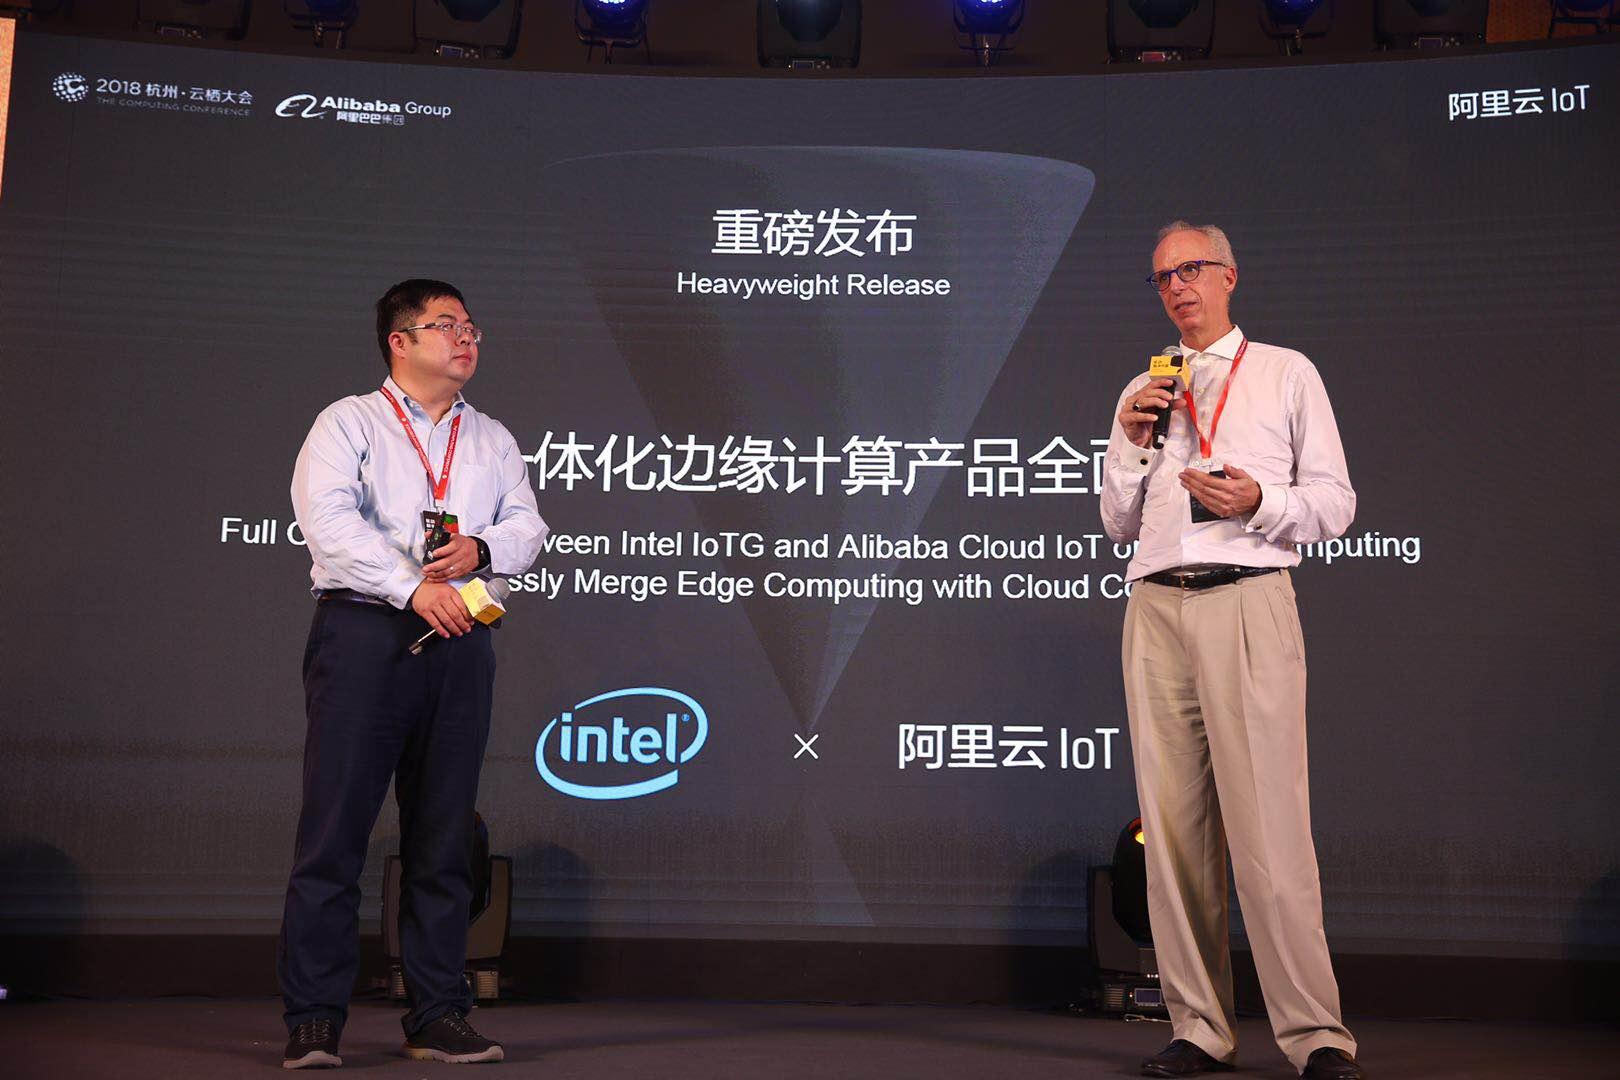 阿里云IoT与英特尔达成物联网合作 推出云边一体化边缘计算产品